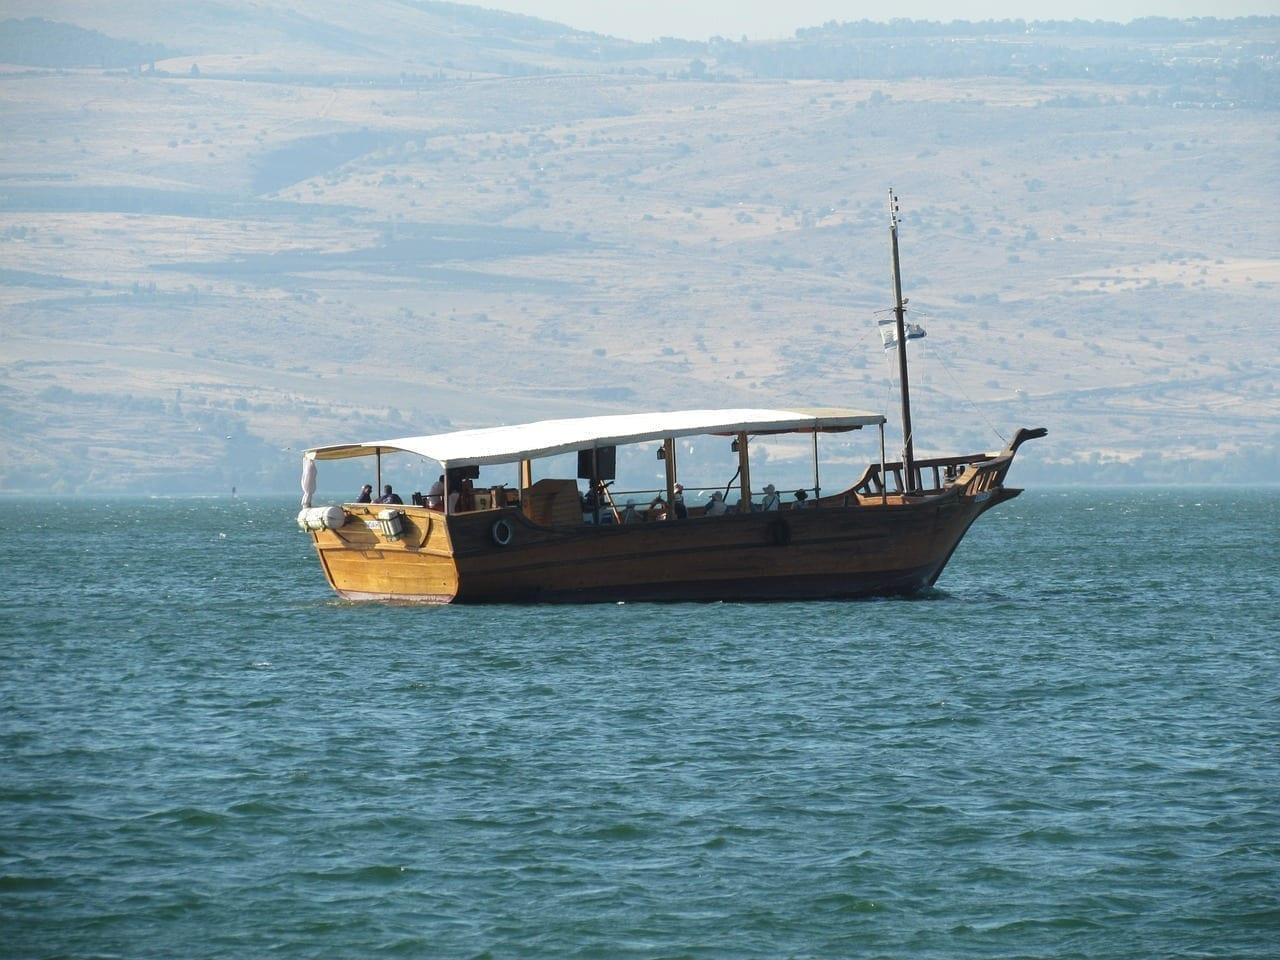 Galilea Barco Israel Israel